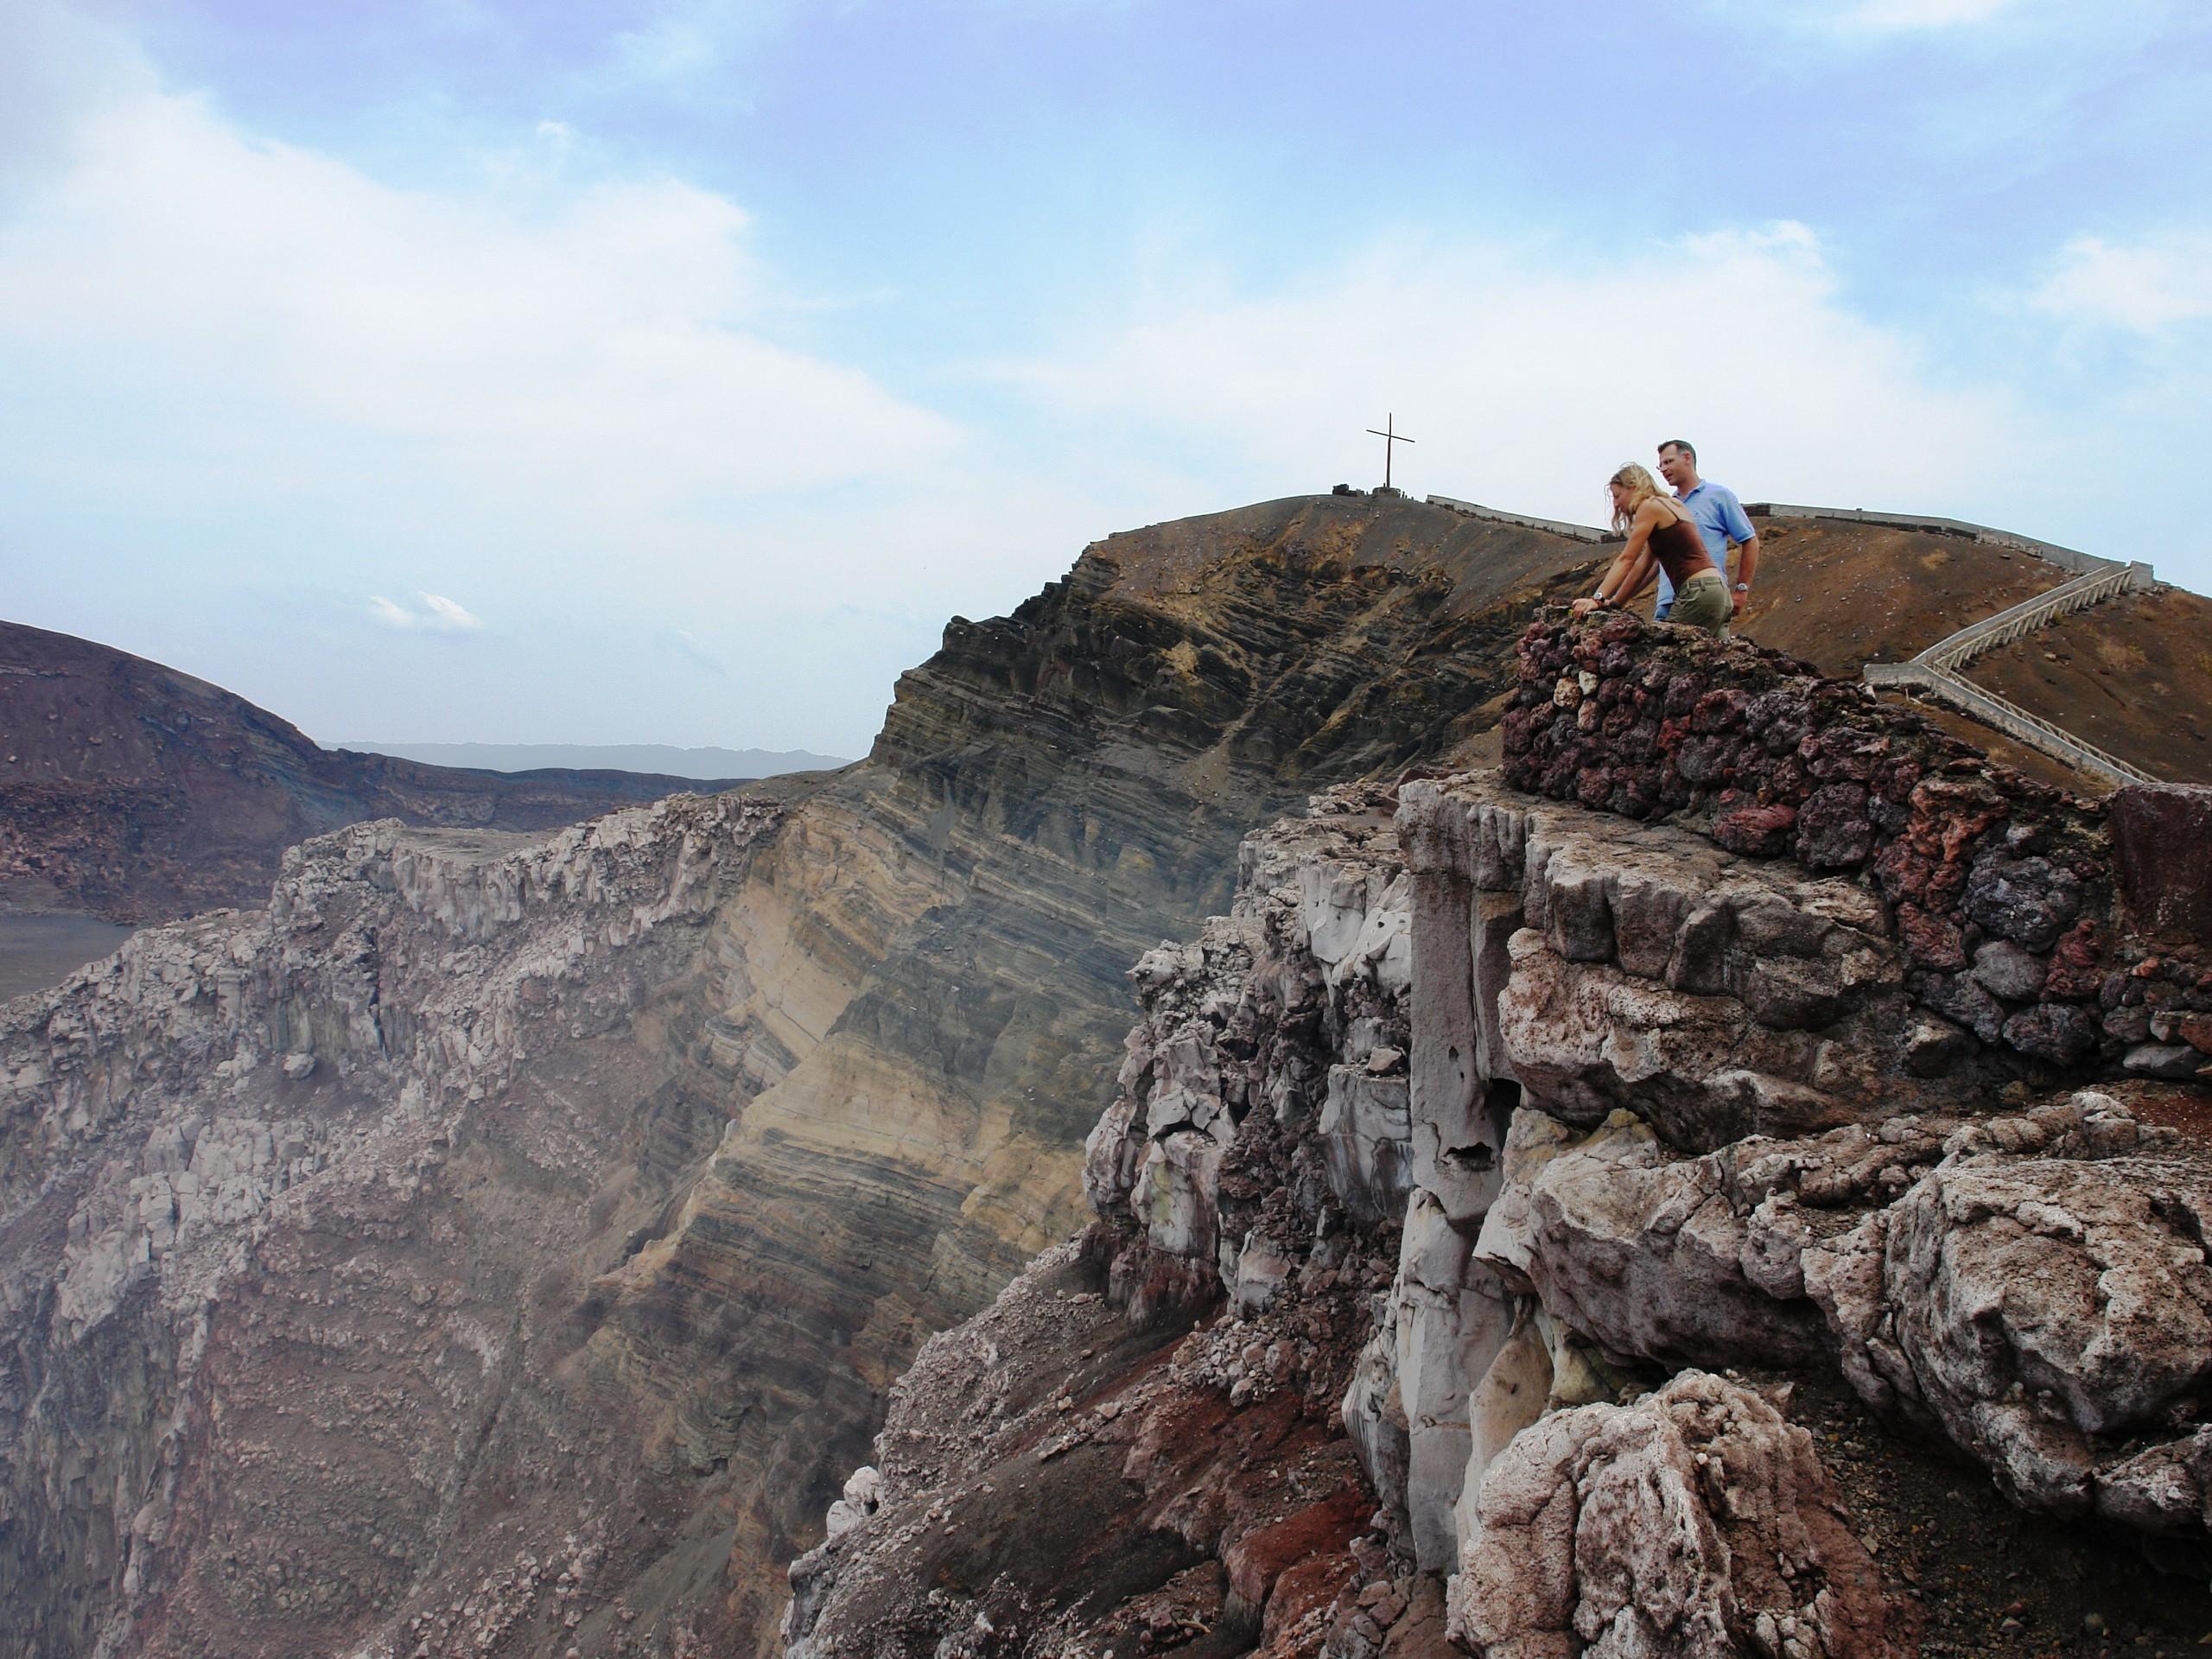 Visiting Volcan Masaya